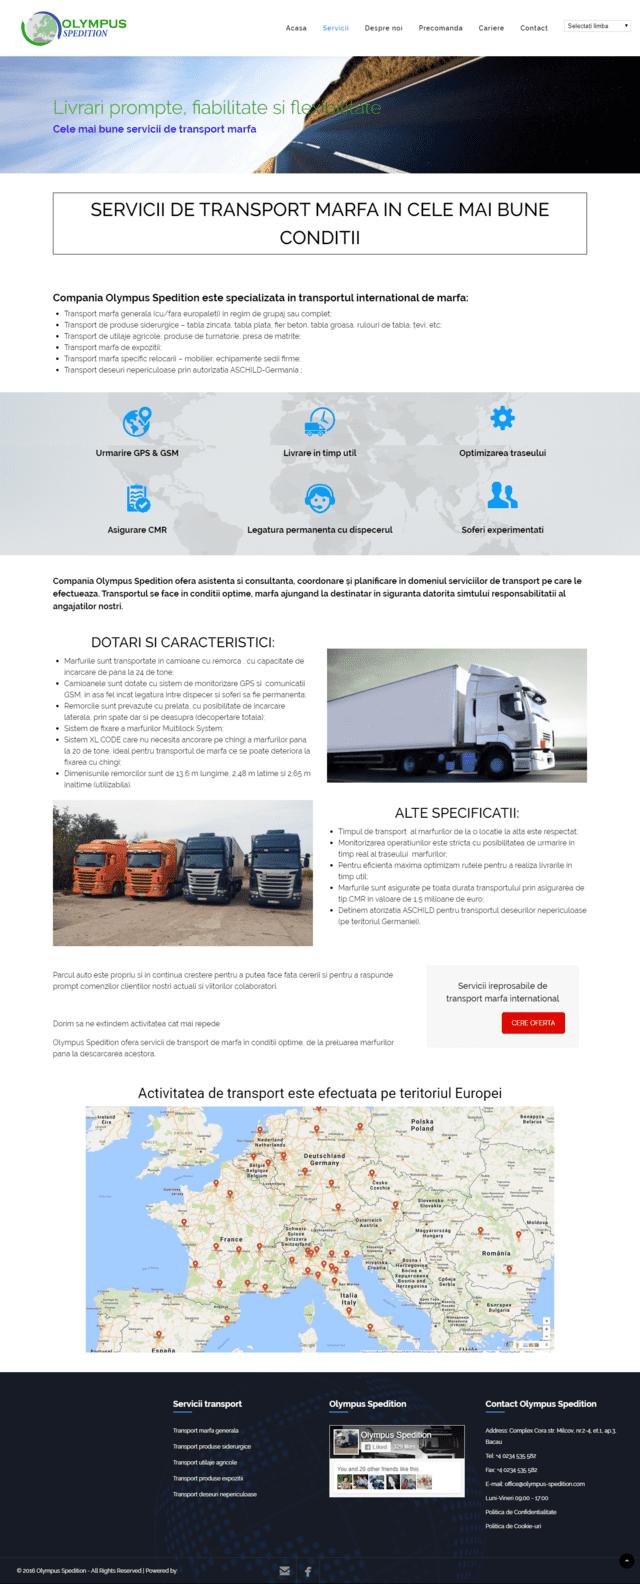 Inovateam web design - olympus (4)